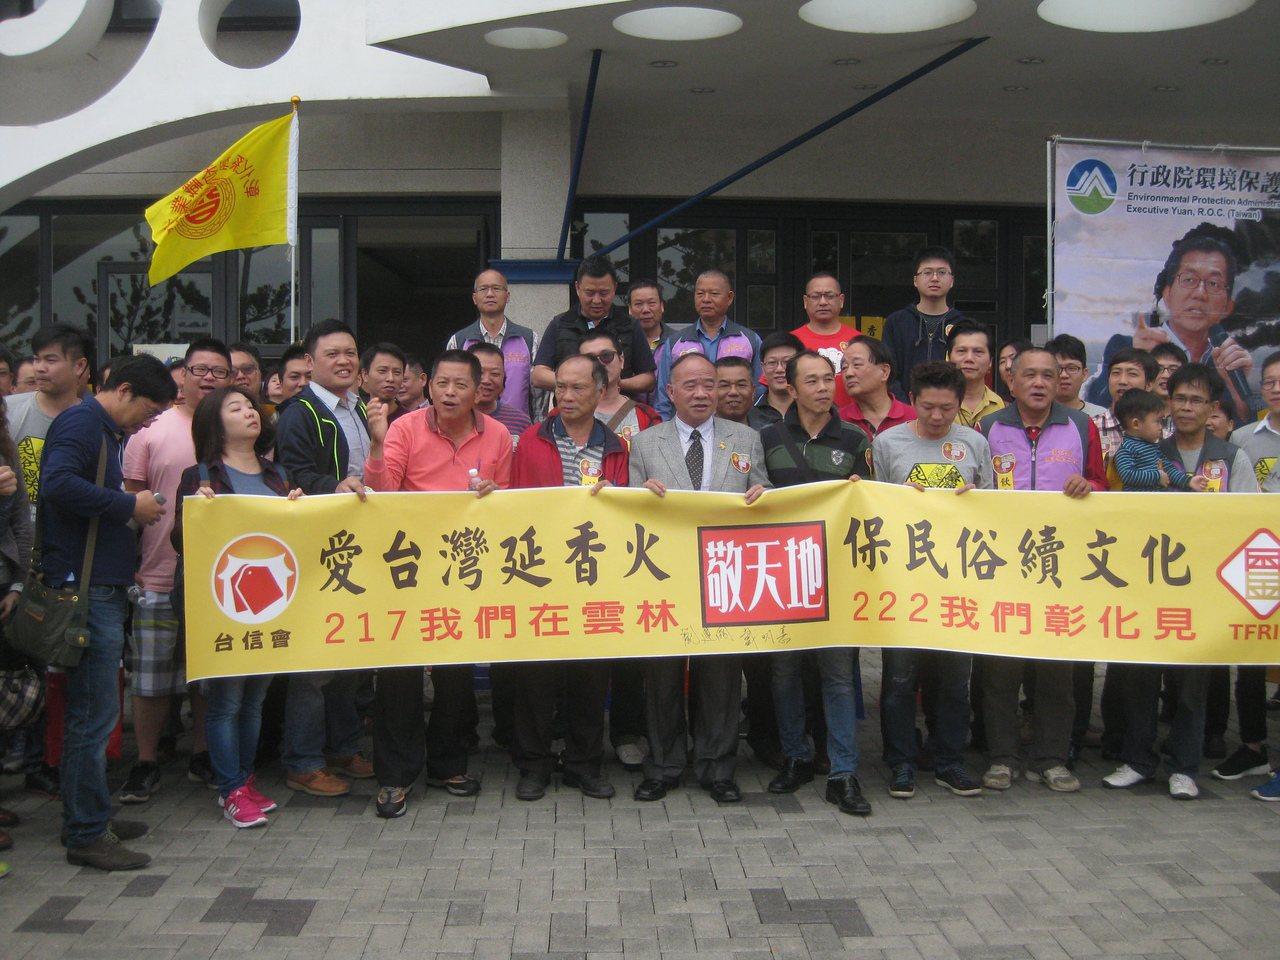 全國禮儀用品職業工會全國總工會、全國禮儀公會的會員,也到場外抗議,希望空汙法不要...